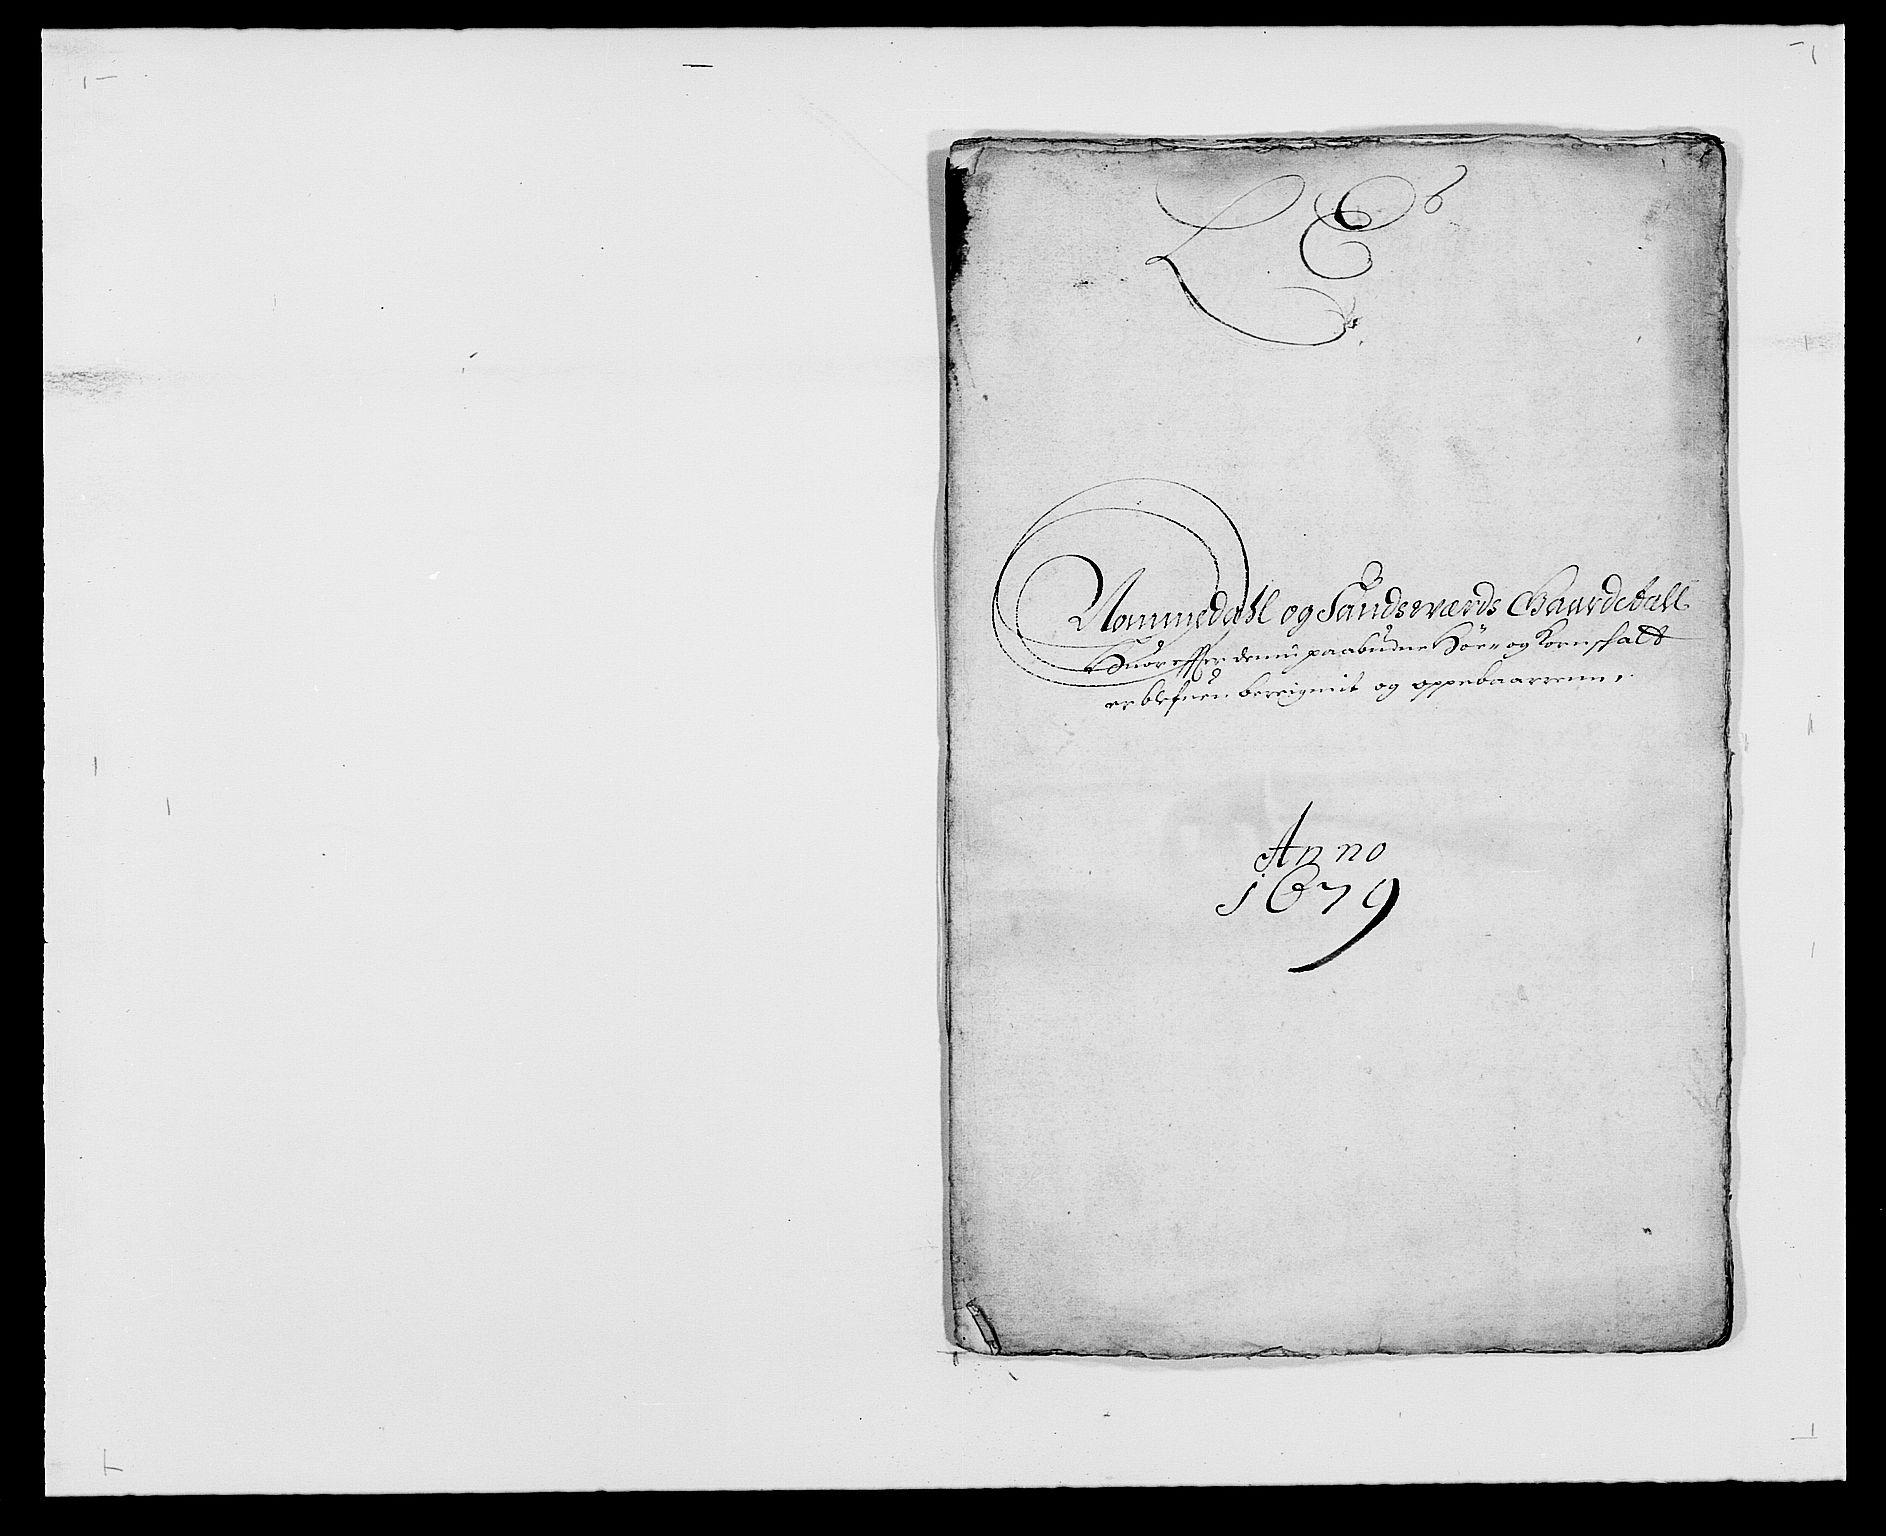 RA, Rentekammeret inntil 1814, Reviderte regnskaper, Fogderegnskap, R24/L1569: Fogderegnskap Numedal og Sandsvær, 1679-1686, s. 129